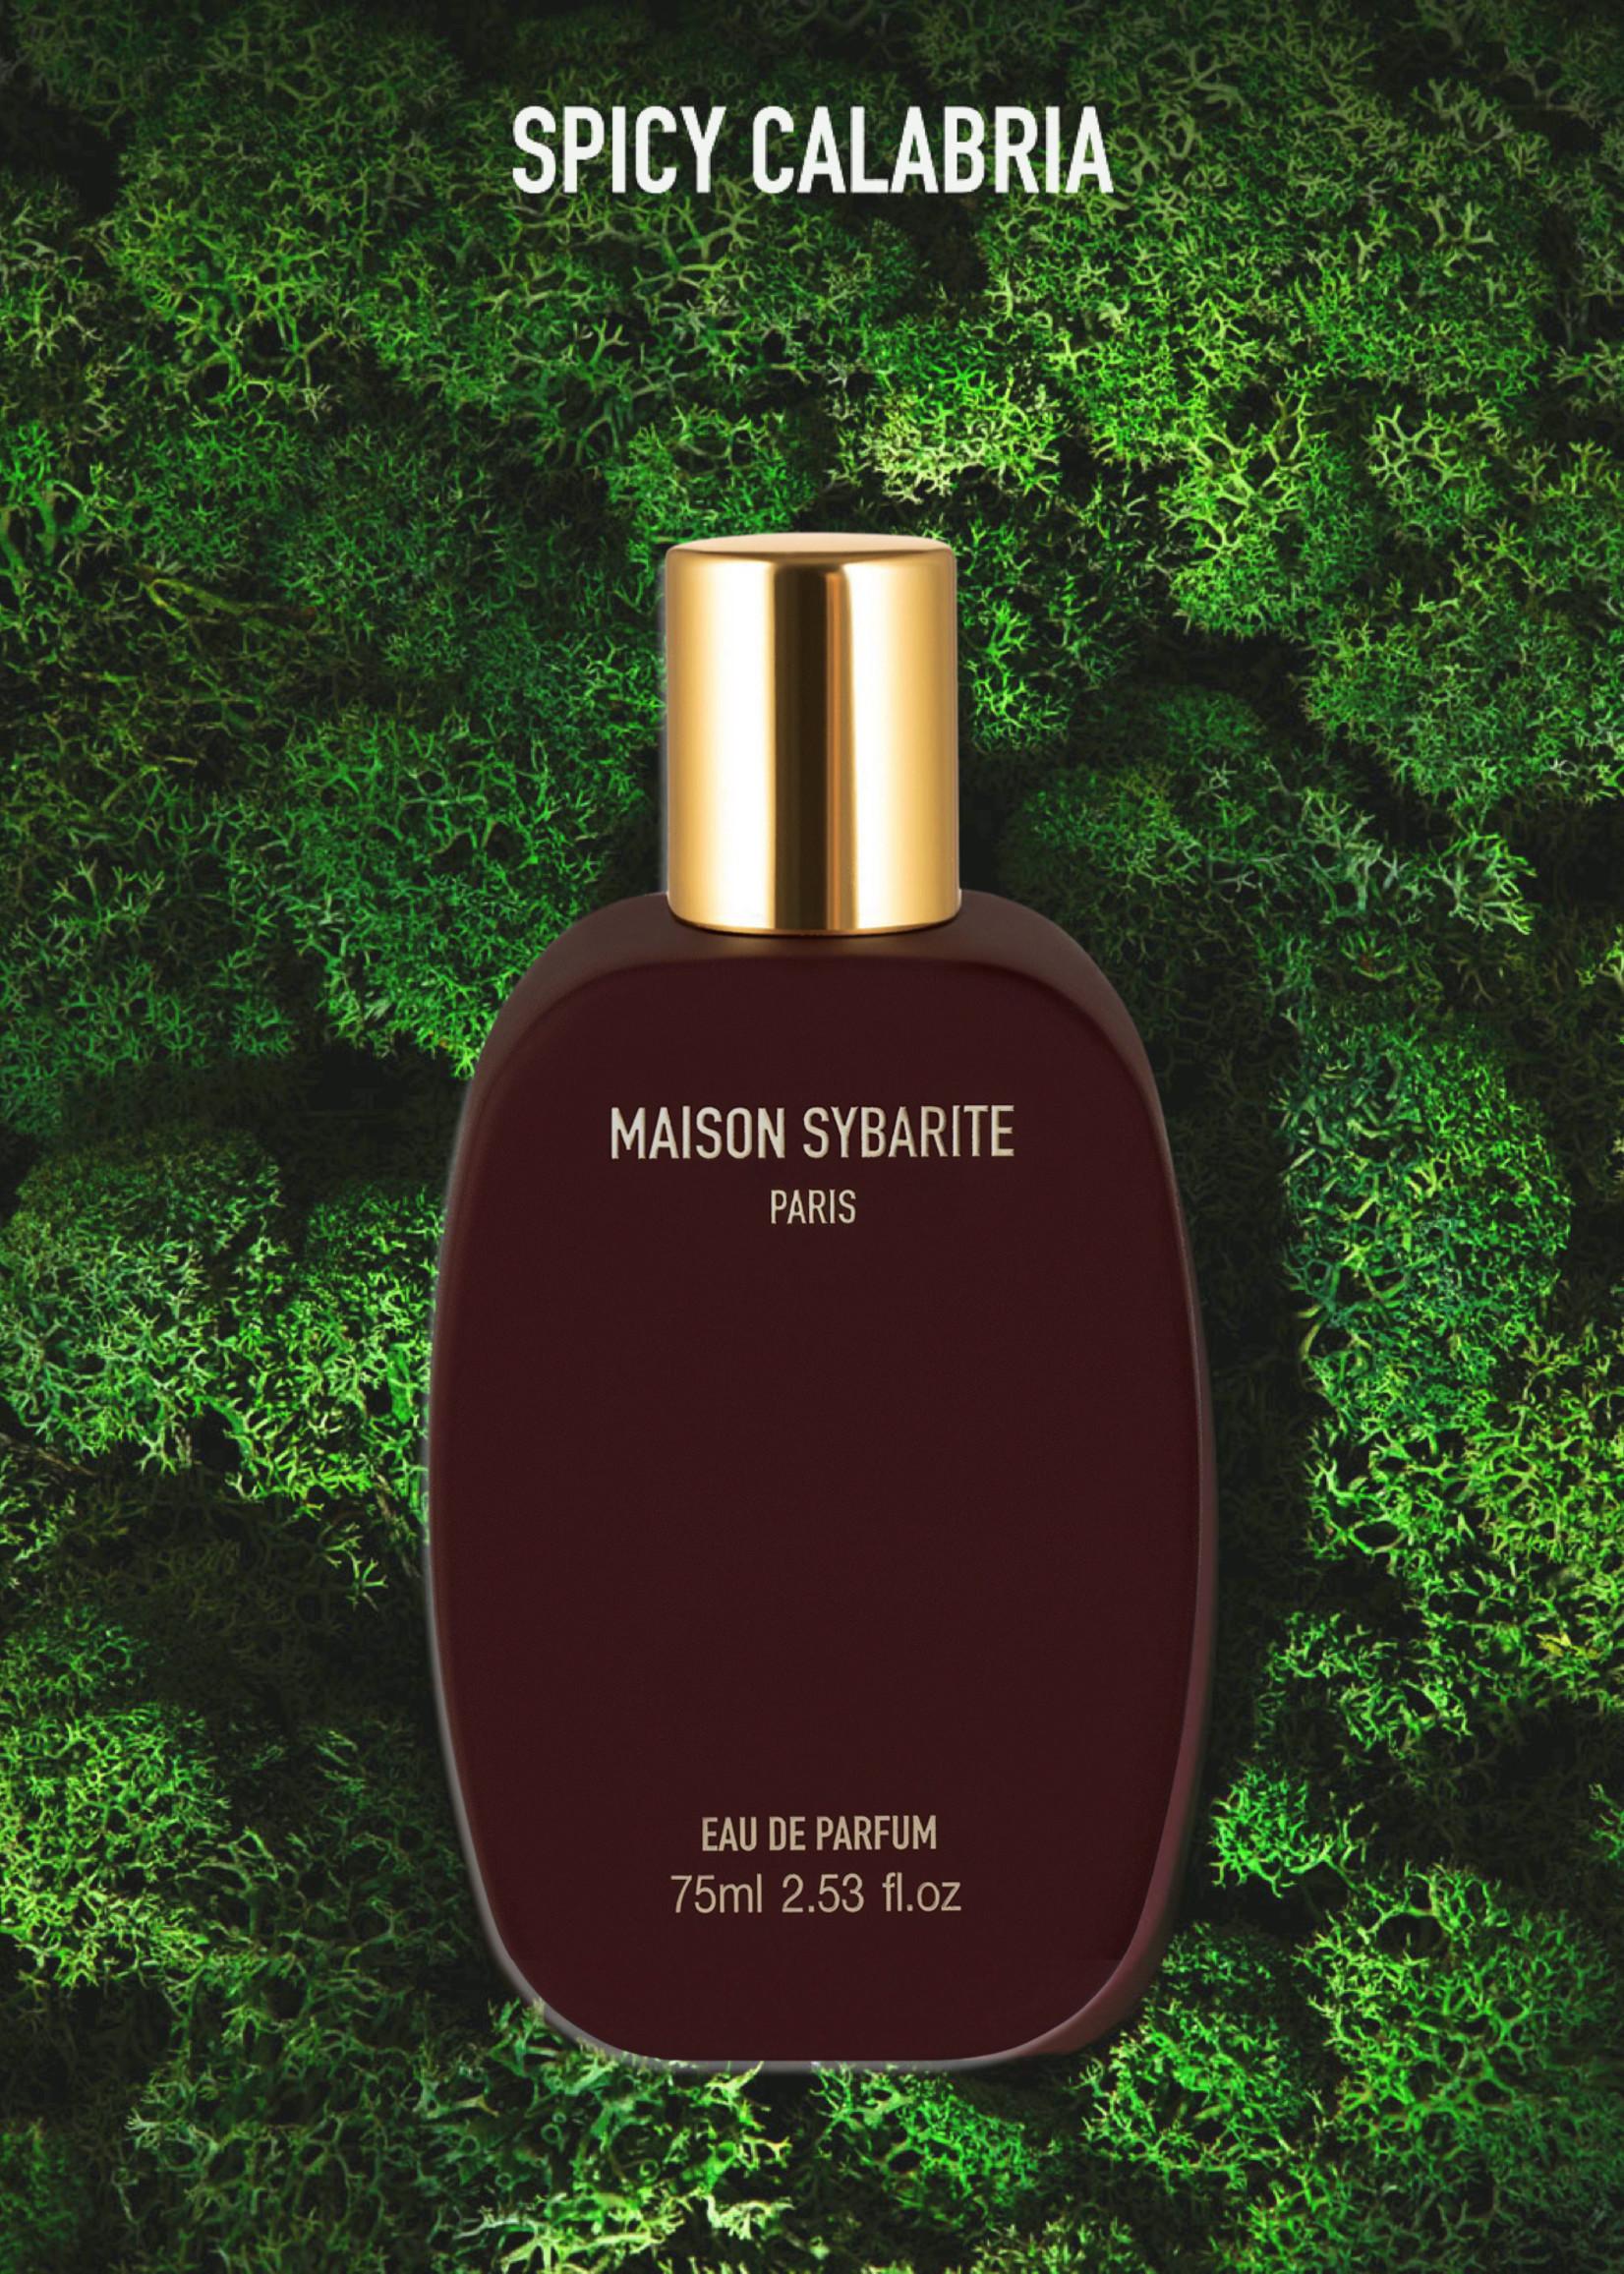 Maison Sybarite Maison Sybarite - Spicy Calabria - Eau de Parfum